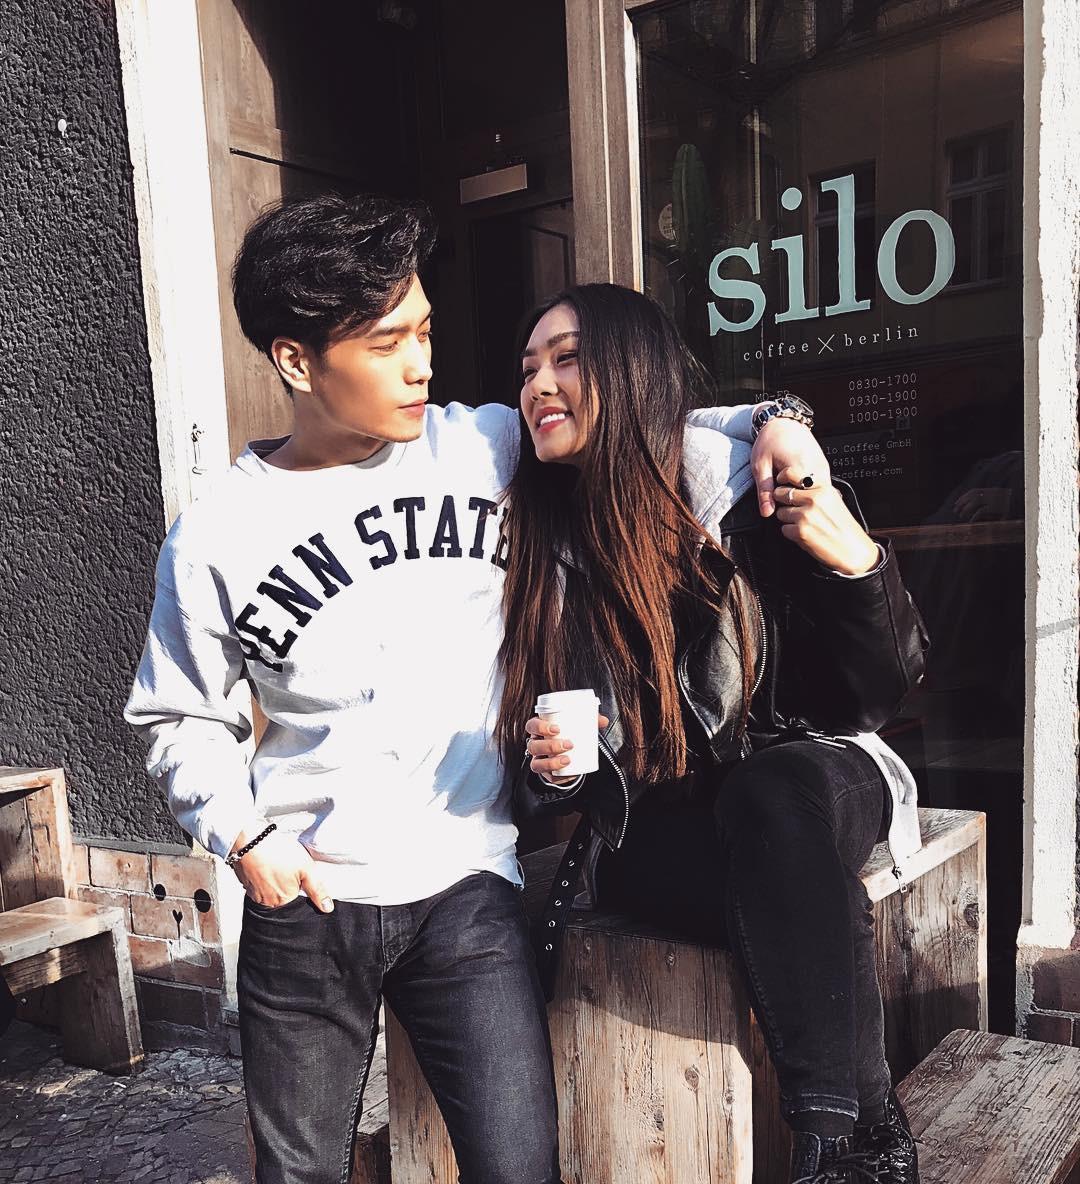 Giám đốc Việt 28 tuổi có nhan sắc cực phẩm, nhìn sang bạn gái cậu lại càng thêm ghen tị - Ảnh 3.